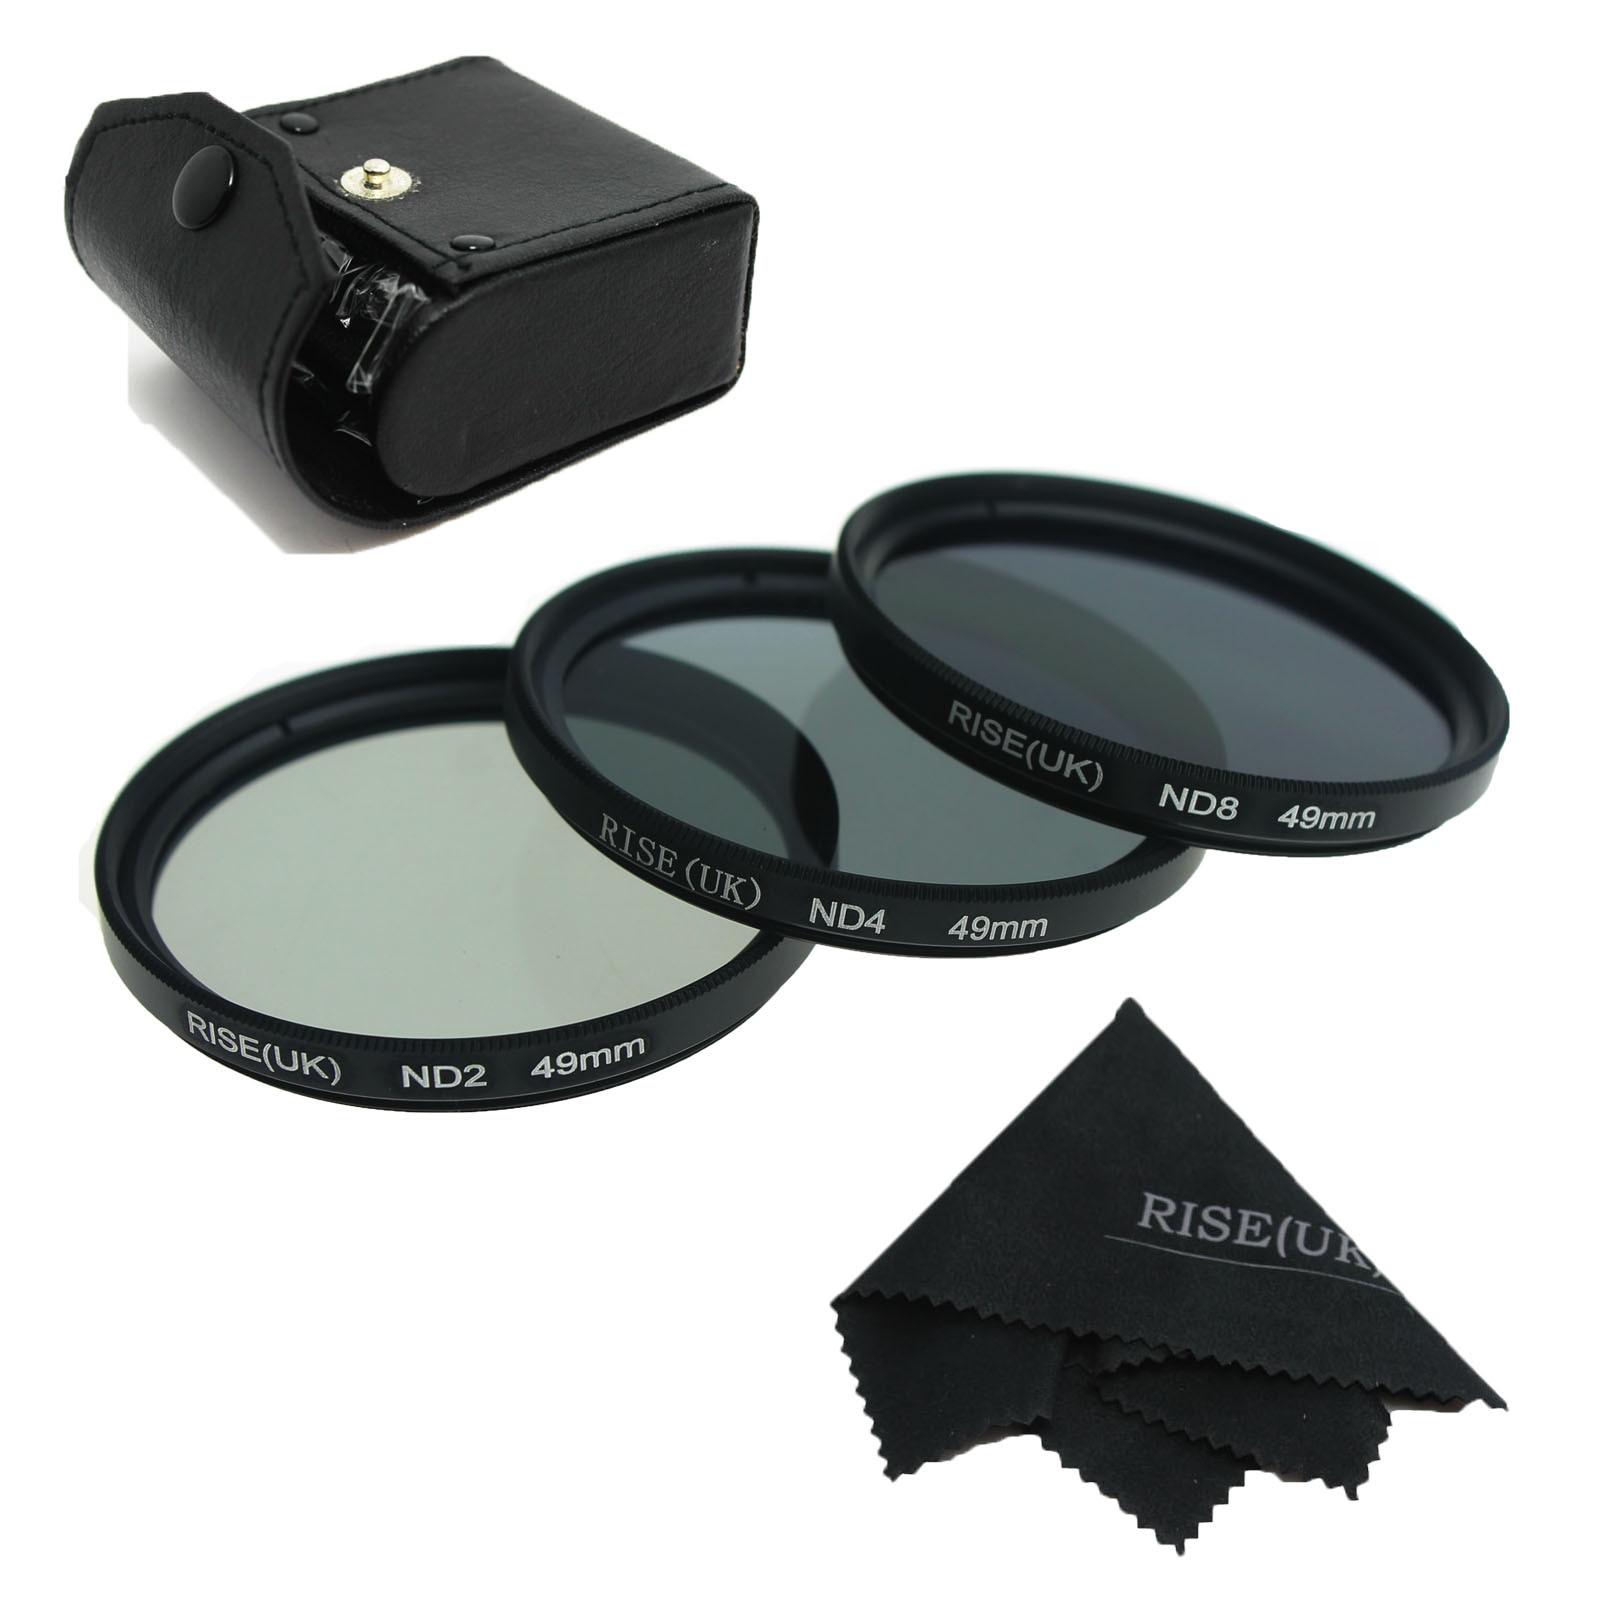 RISE (UK) 49mm 52mm 55mm 58mm 62mm 67mm 72mm 77 MM Densità Neutra Lens Filter Set Kit ND2 ND4 ND8 ND 2 4 8